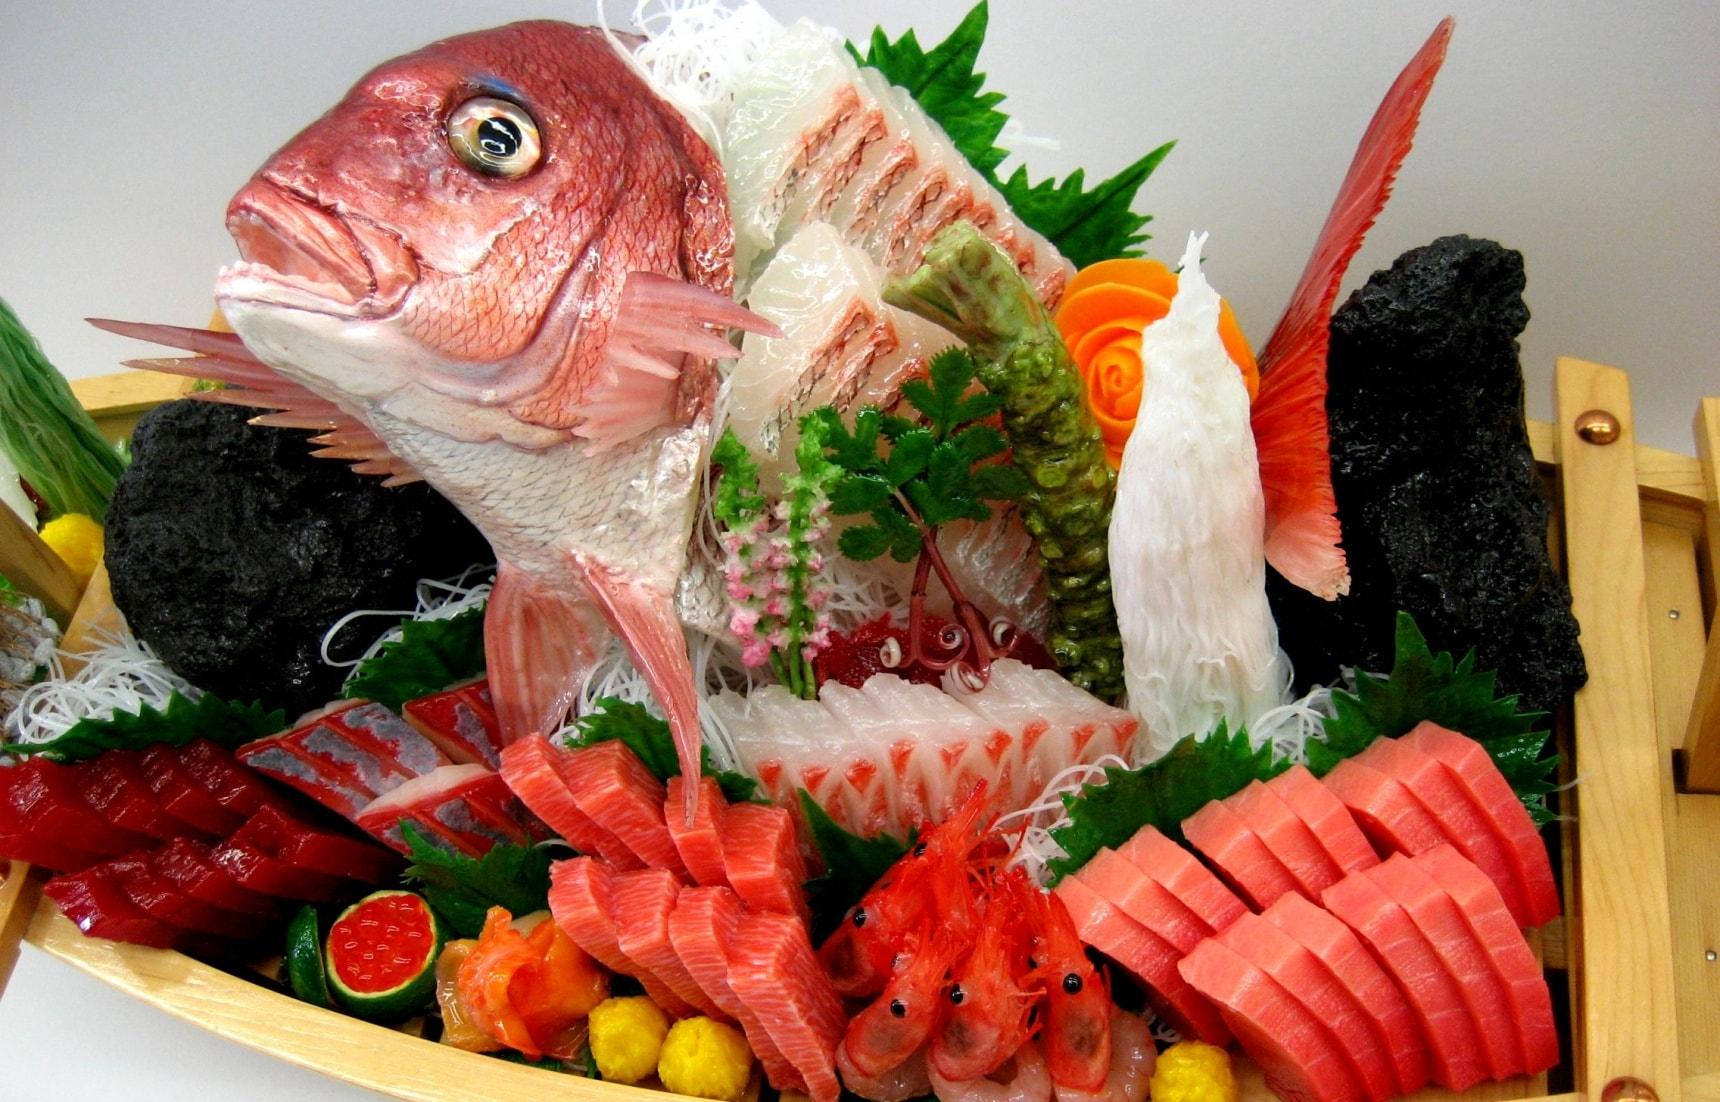 ซาชิมิก็เป็นอาหารสุขภาพนะ!